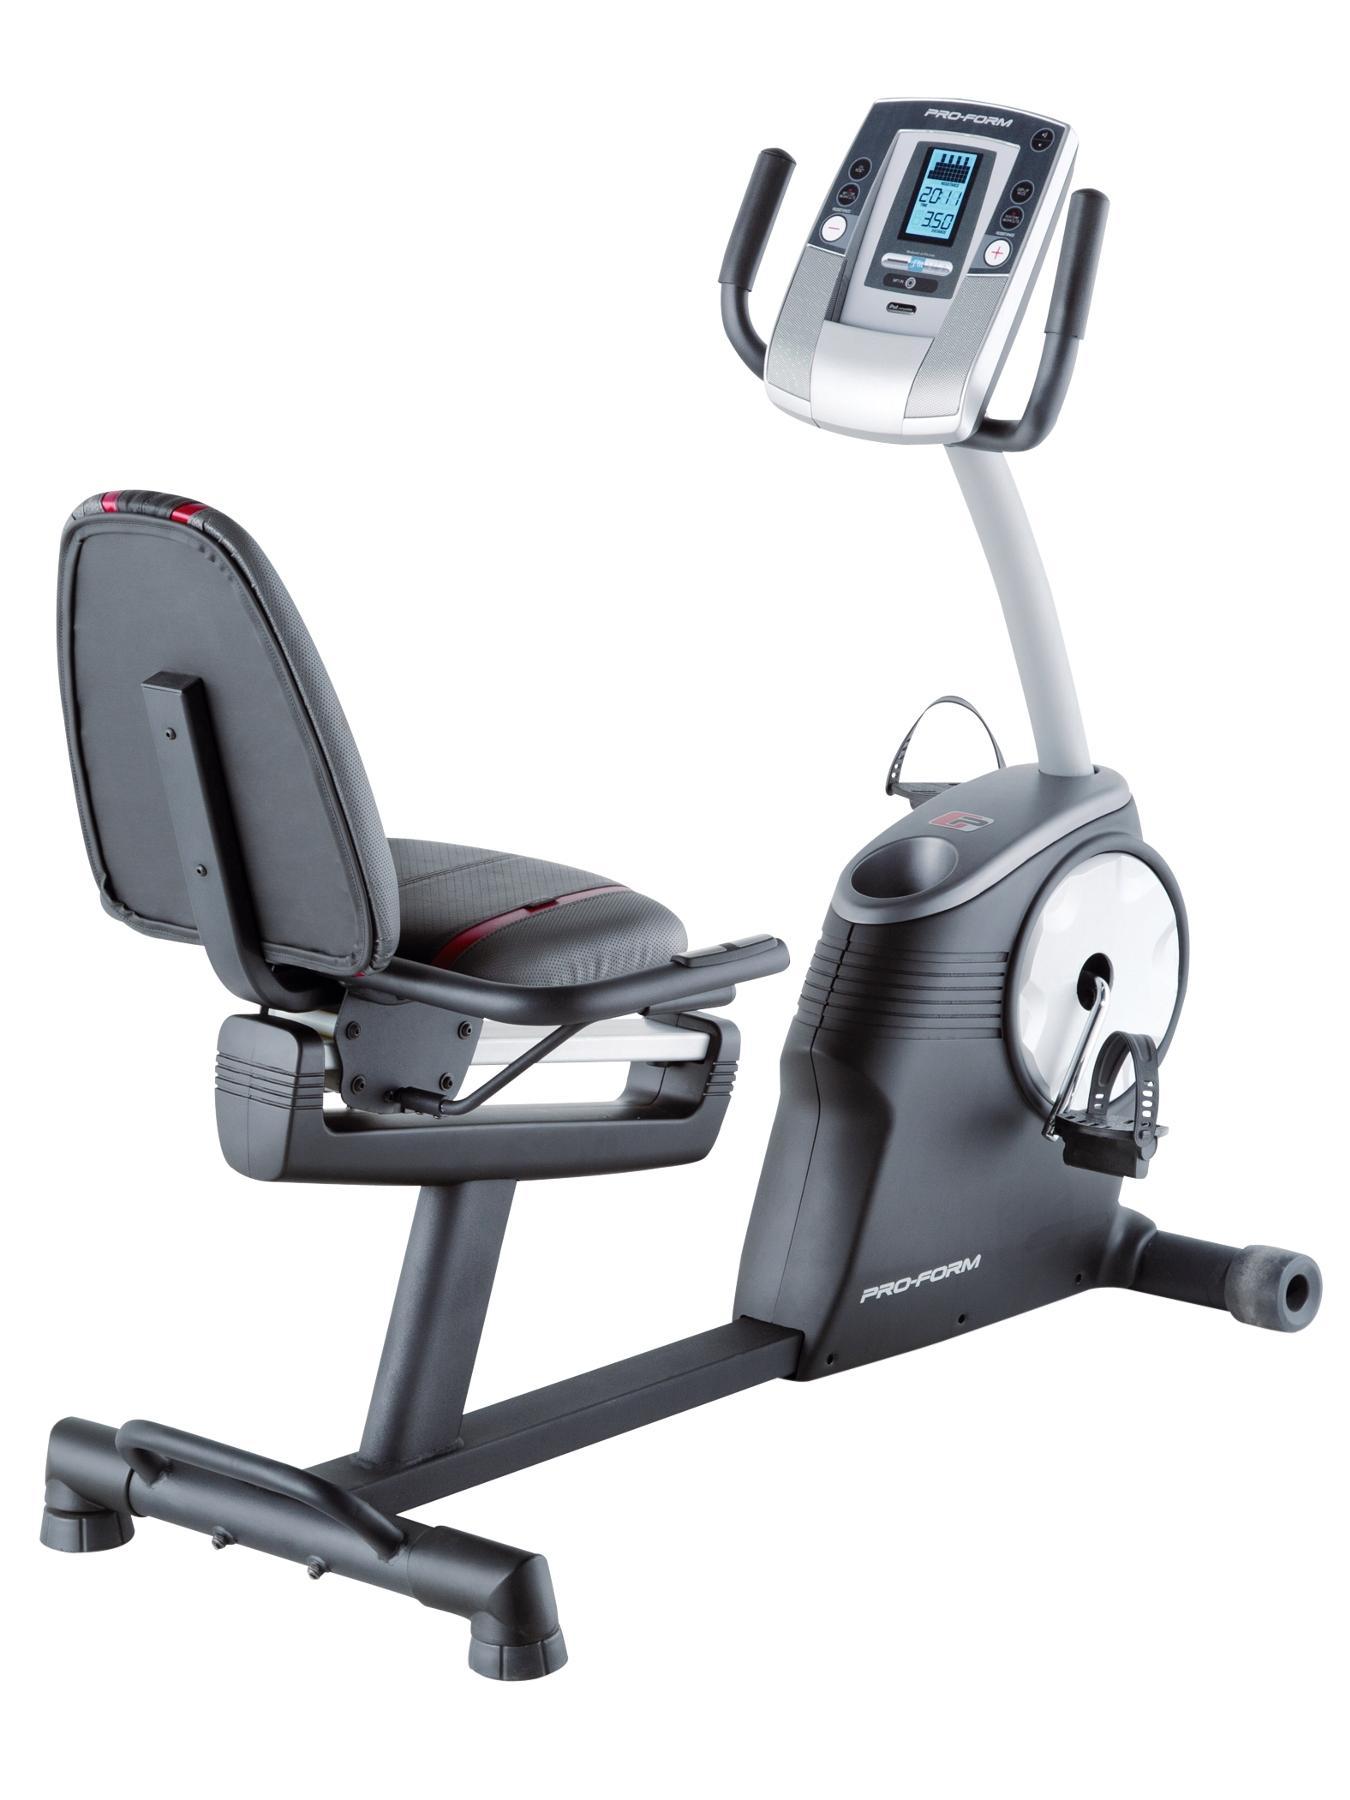 Pro-Form 425 ZLX Recumbent Exercise Bike